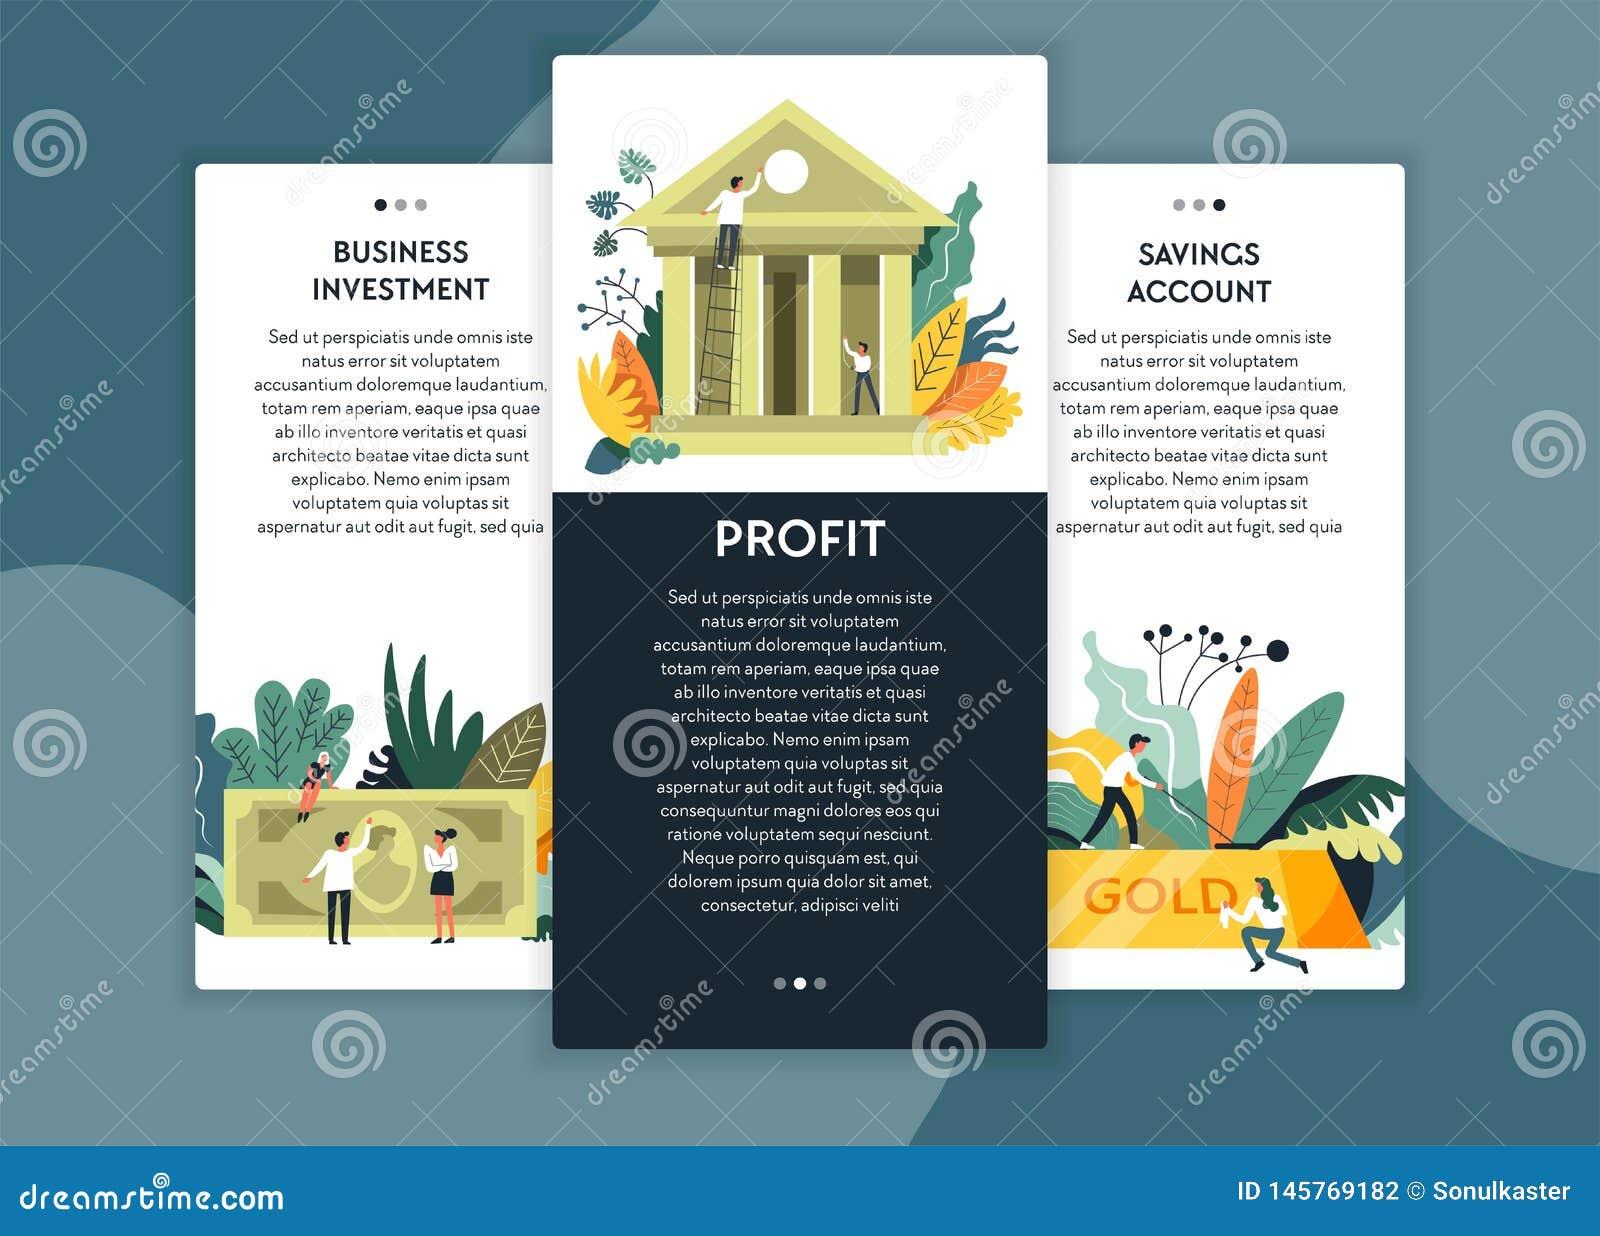 商业投资和赢利储蓄账户网页模板